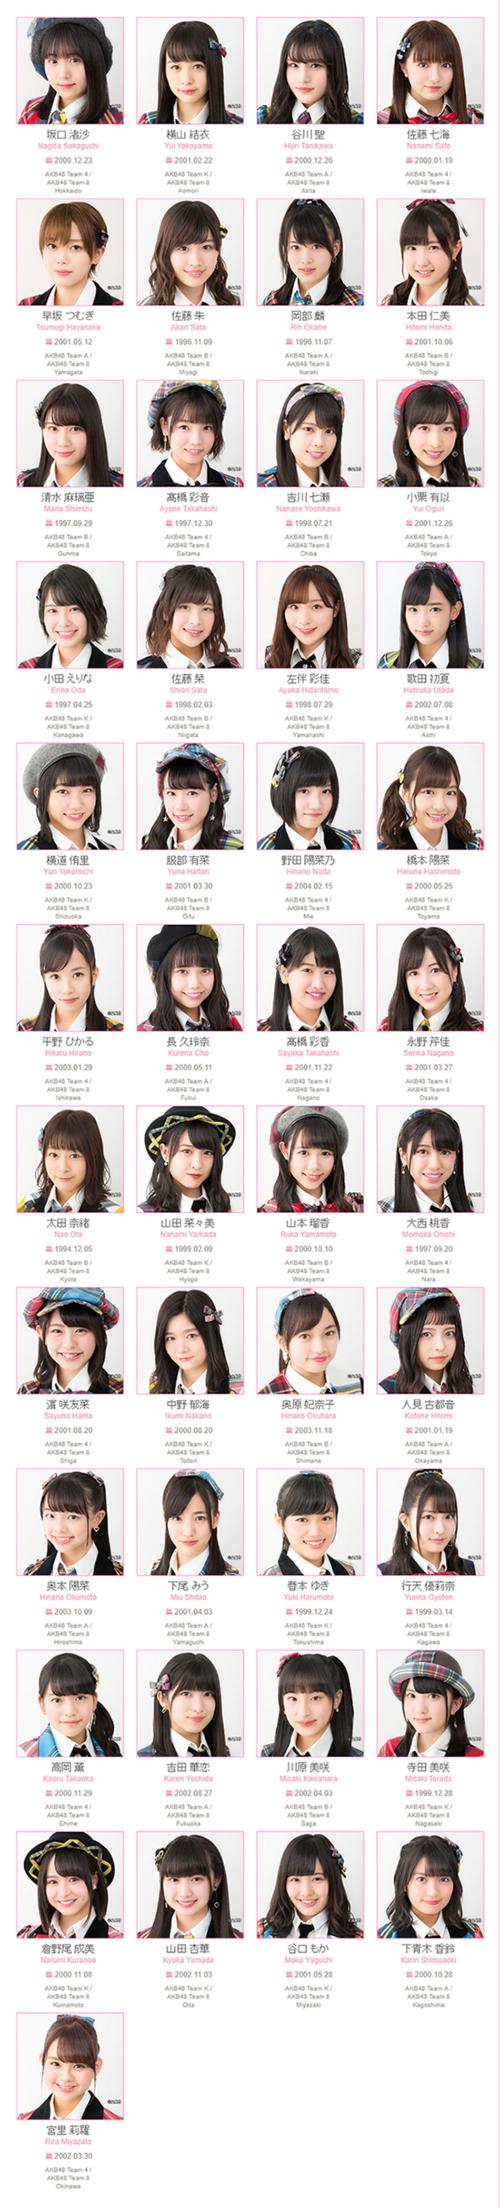 Team 8 - Wiki48